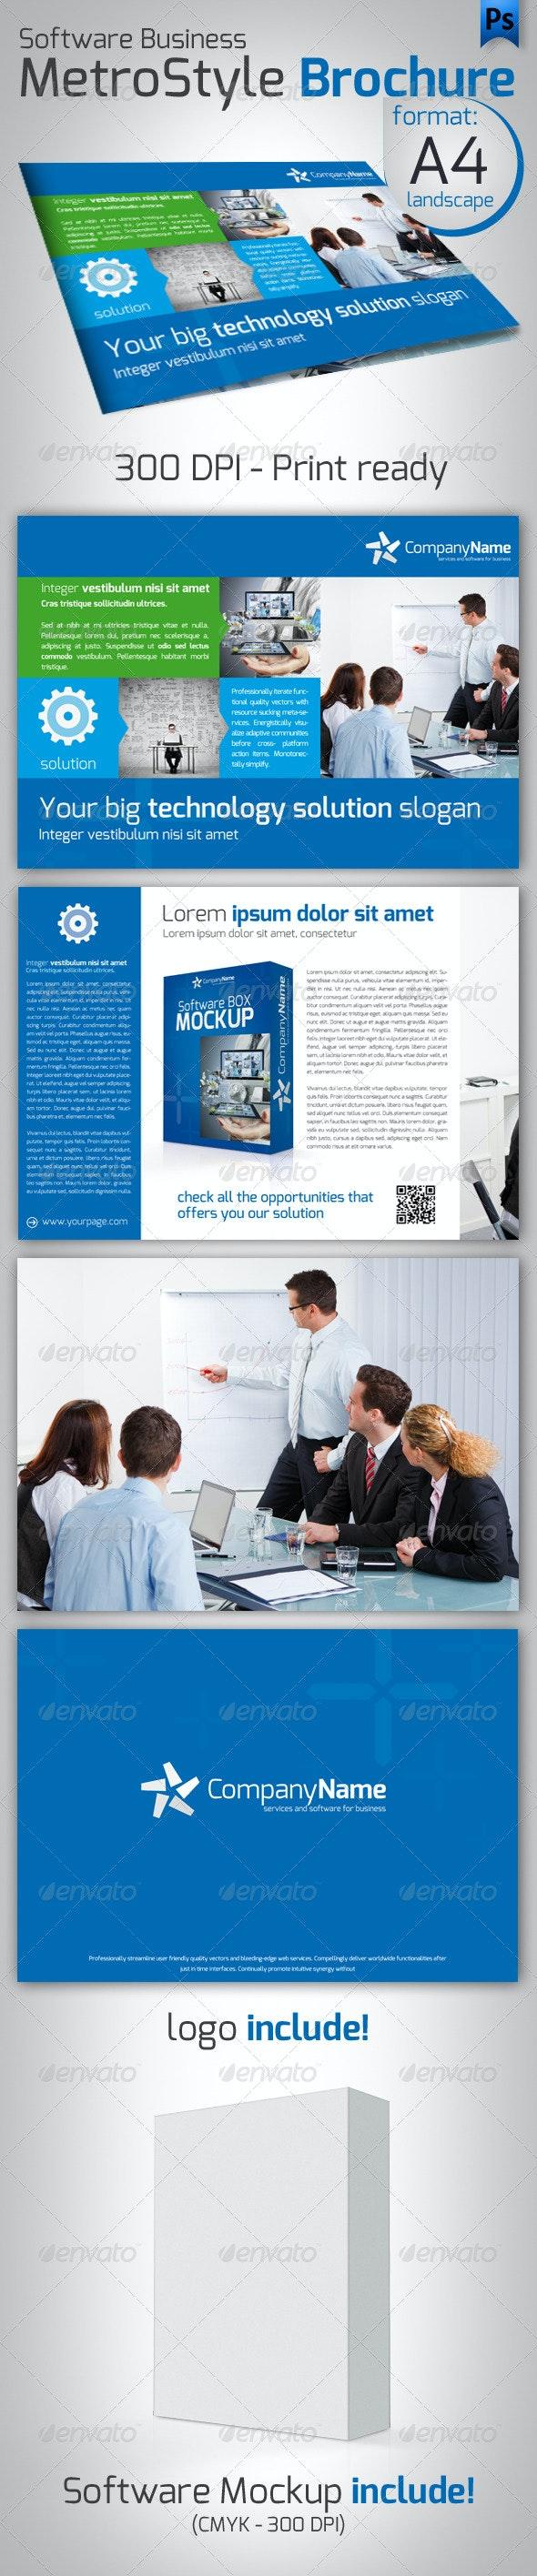 Software Metro Style Brochure - Corporate Brochures